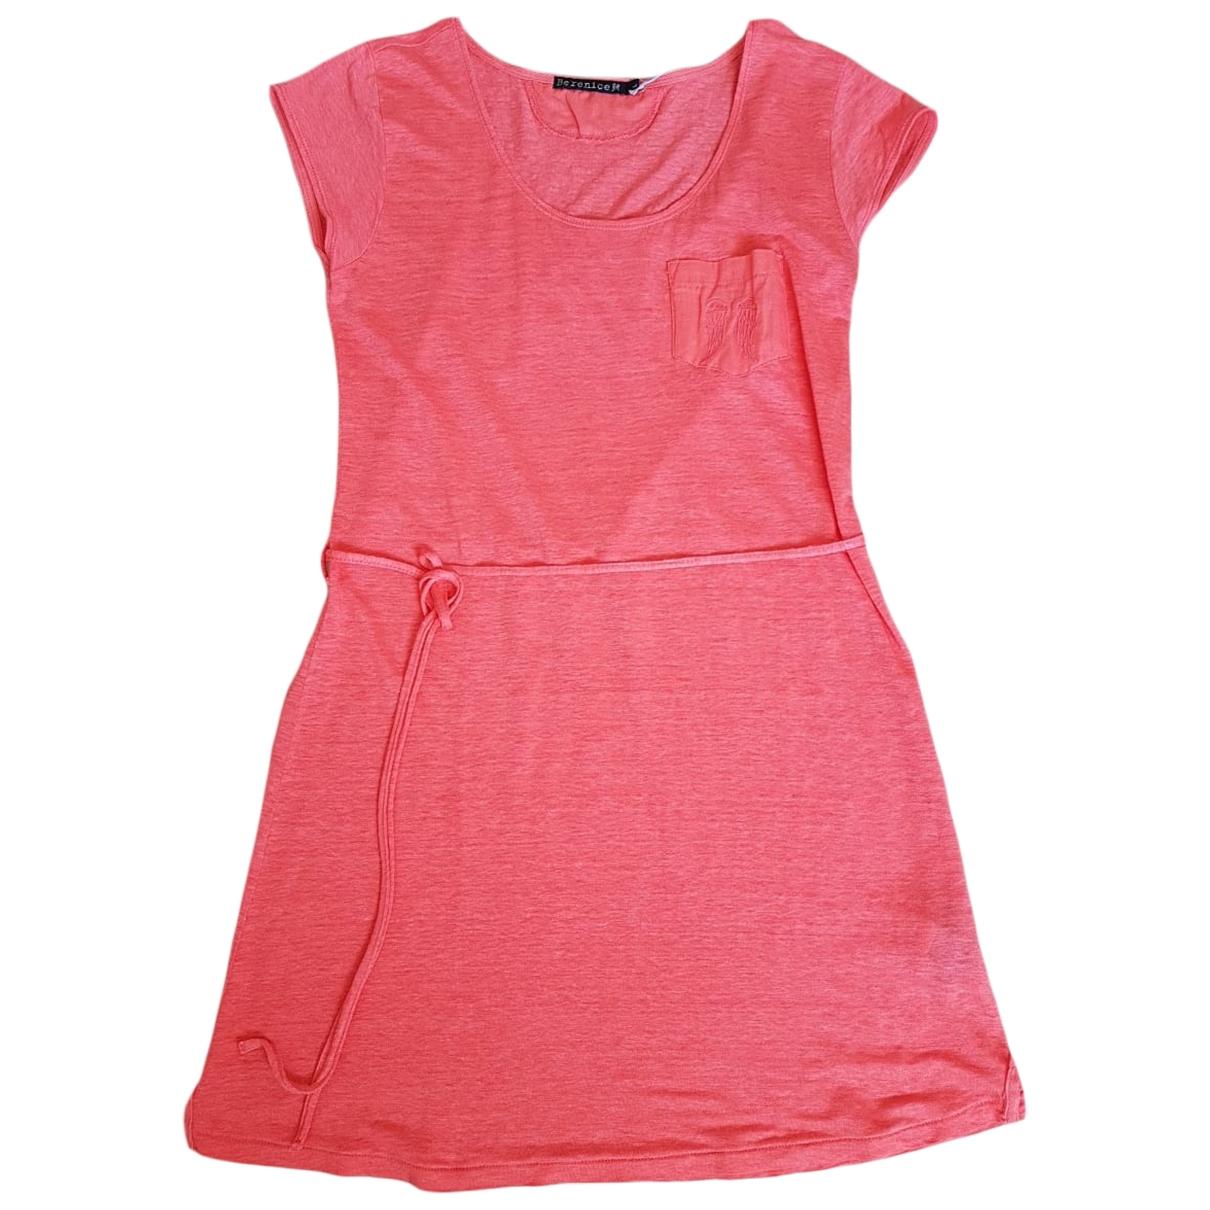 Berenice \N Orange Linen dress for Women L International